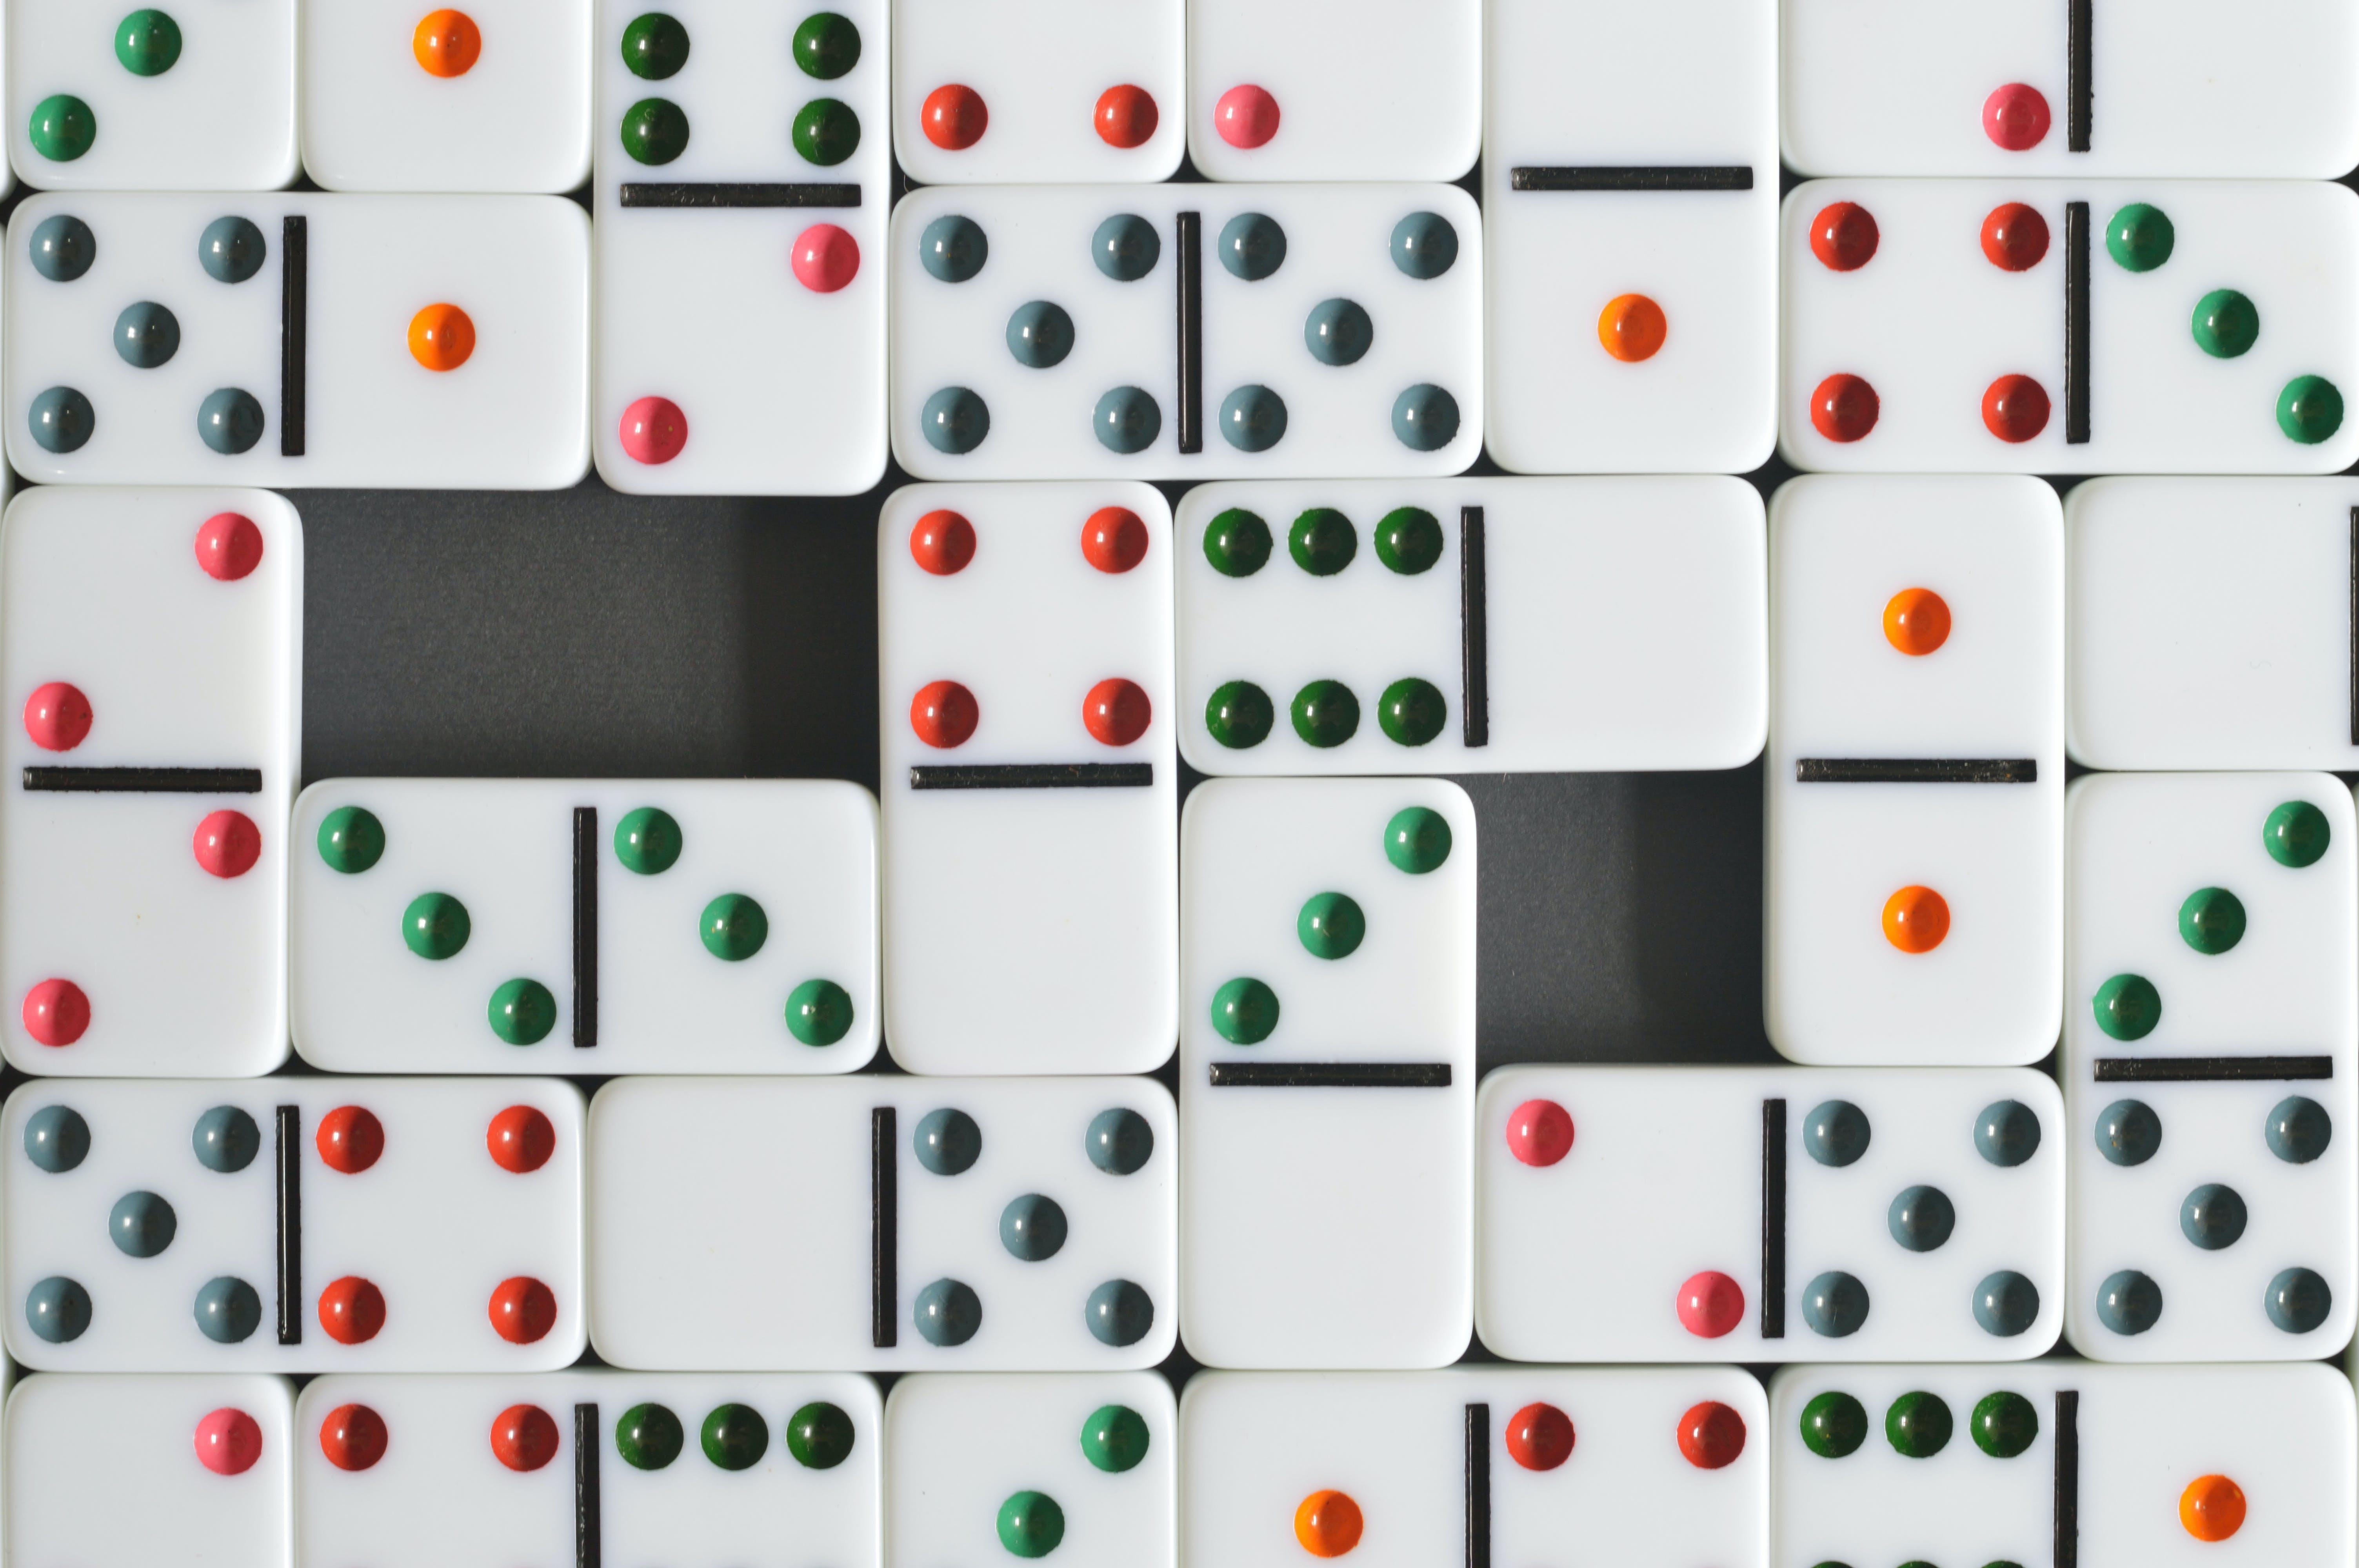 Δωρεάν στοκ φωτογραφιών με dominos, βιντεοπαιχνίδι, βούλες, διασκέδαση